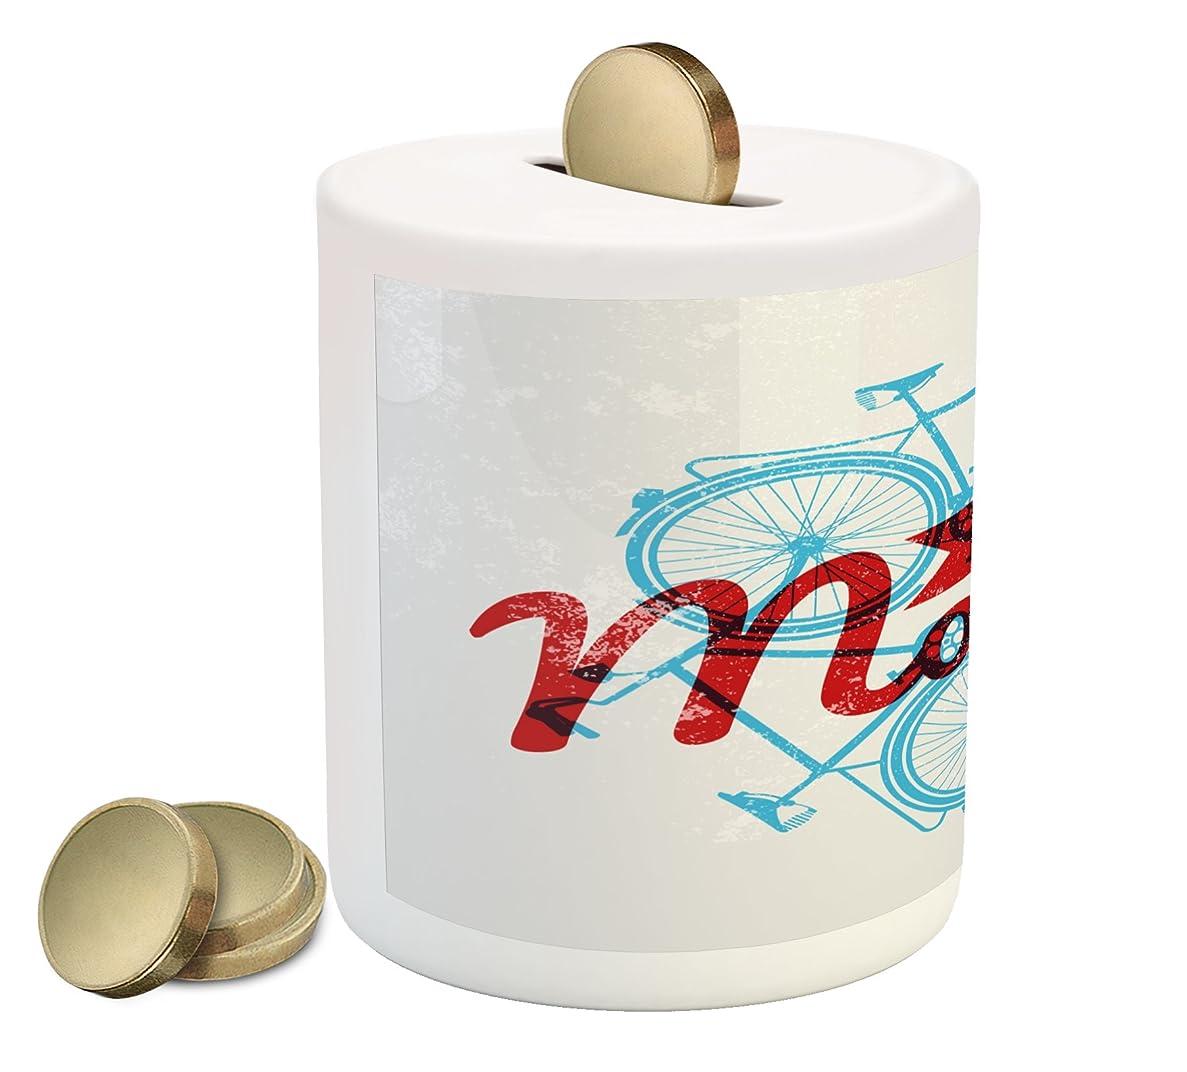 上にオーロック狂乱レトロPiggy Bank by Ambesonne , Keep It Moving Motivationalフレーズヒップスターライフスタイル自転車グランジ表示、印刷セラミックコイン銀行お金ボックスの保存の現金、スカイブルーレッドCoconut